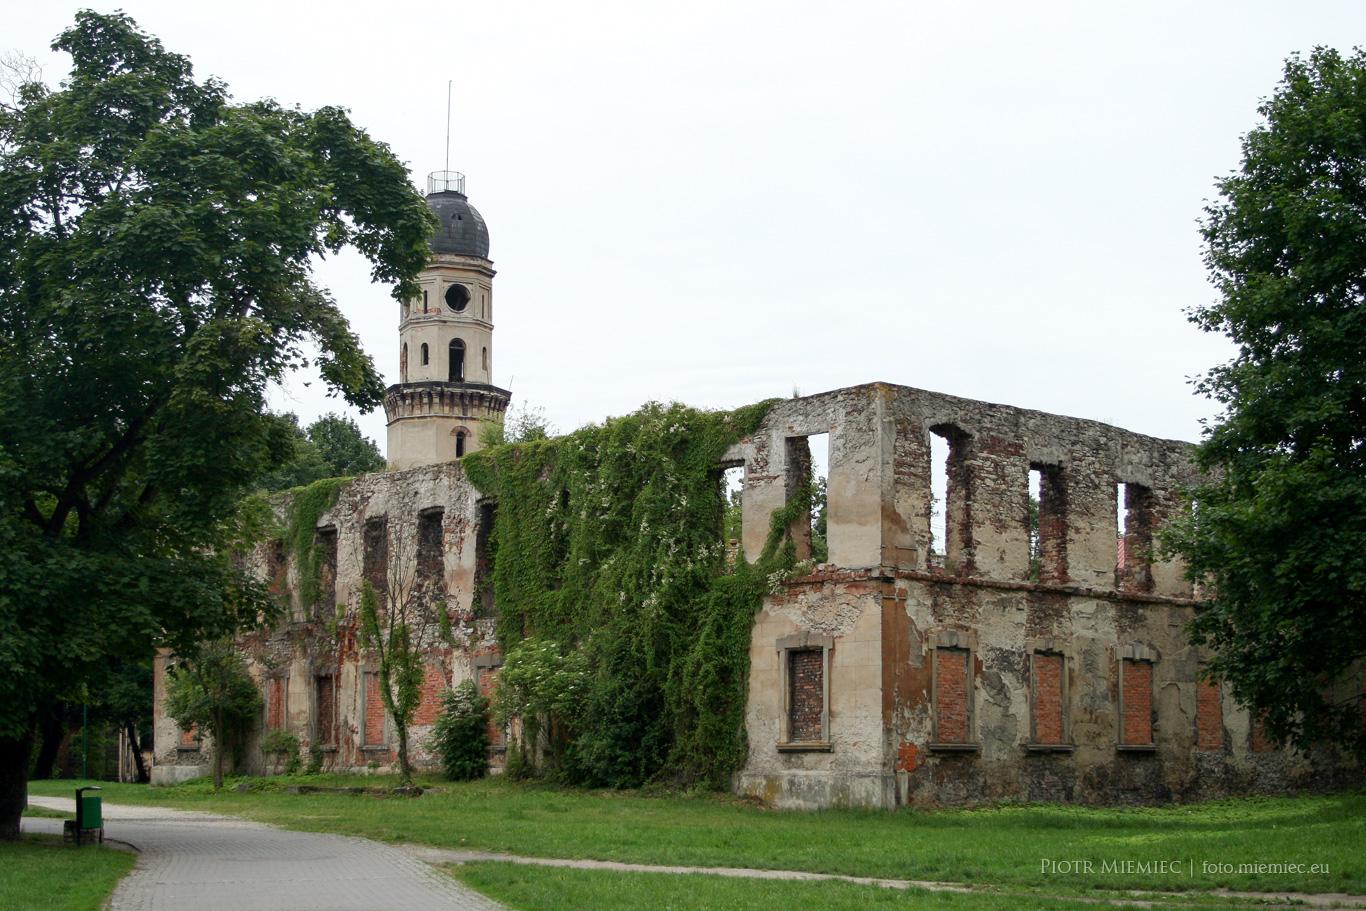 Srzelce Opolskie ruiny zamku